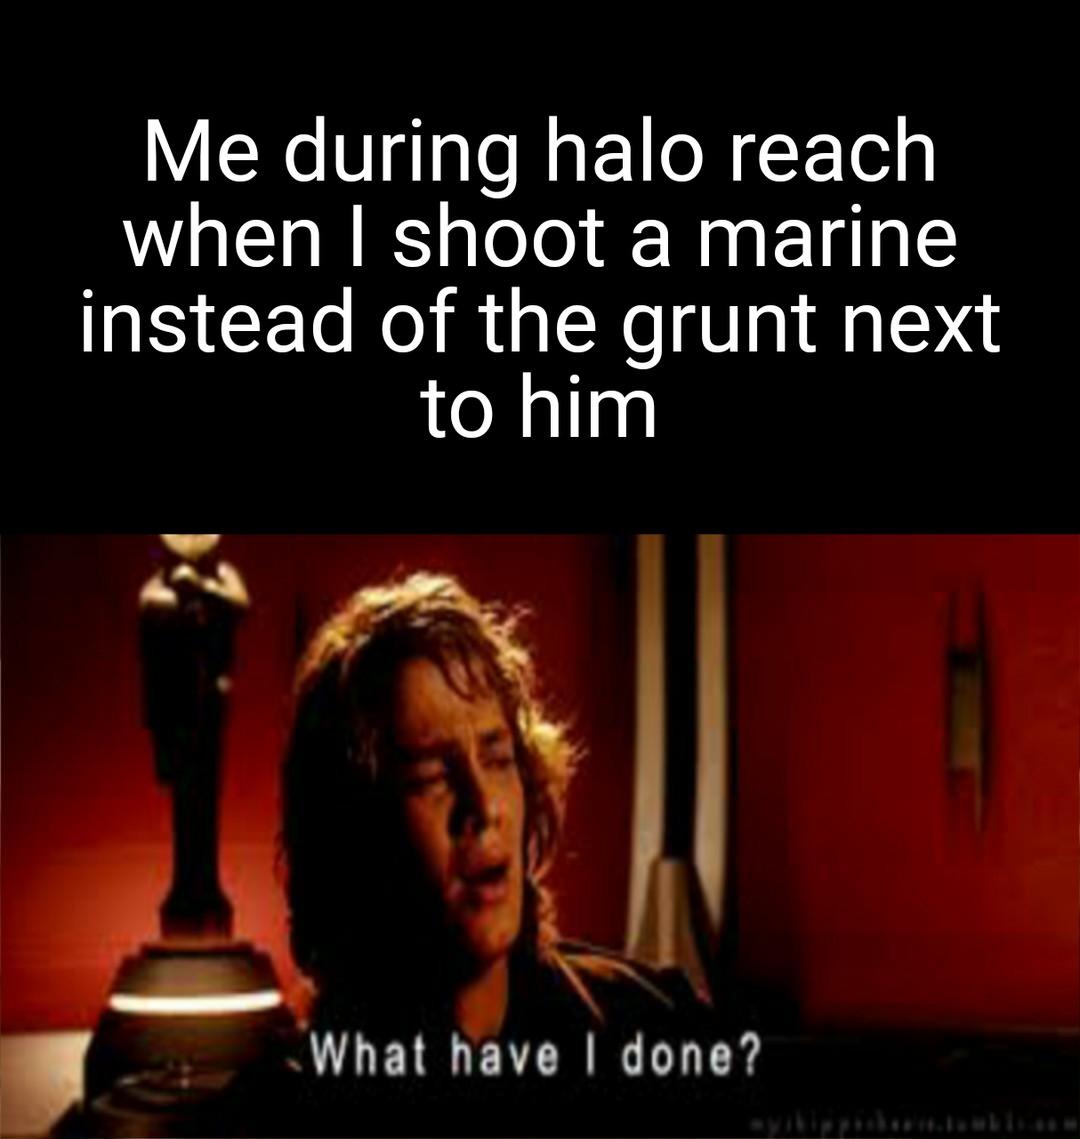 NOOOOOOOOOOOOOOO - meme